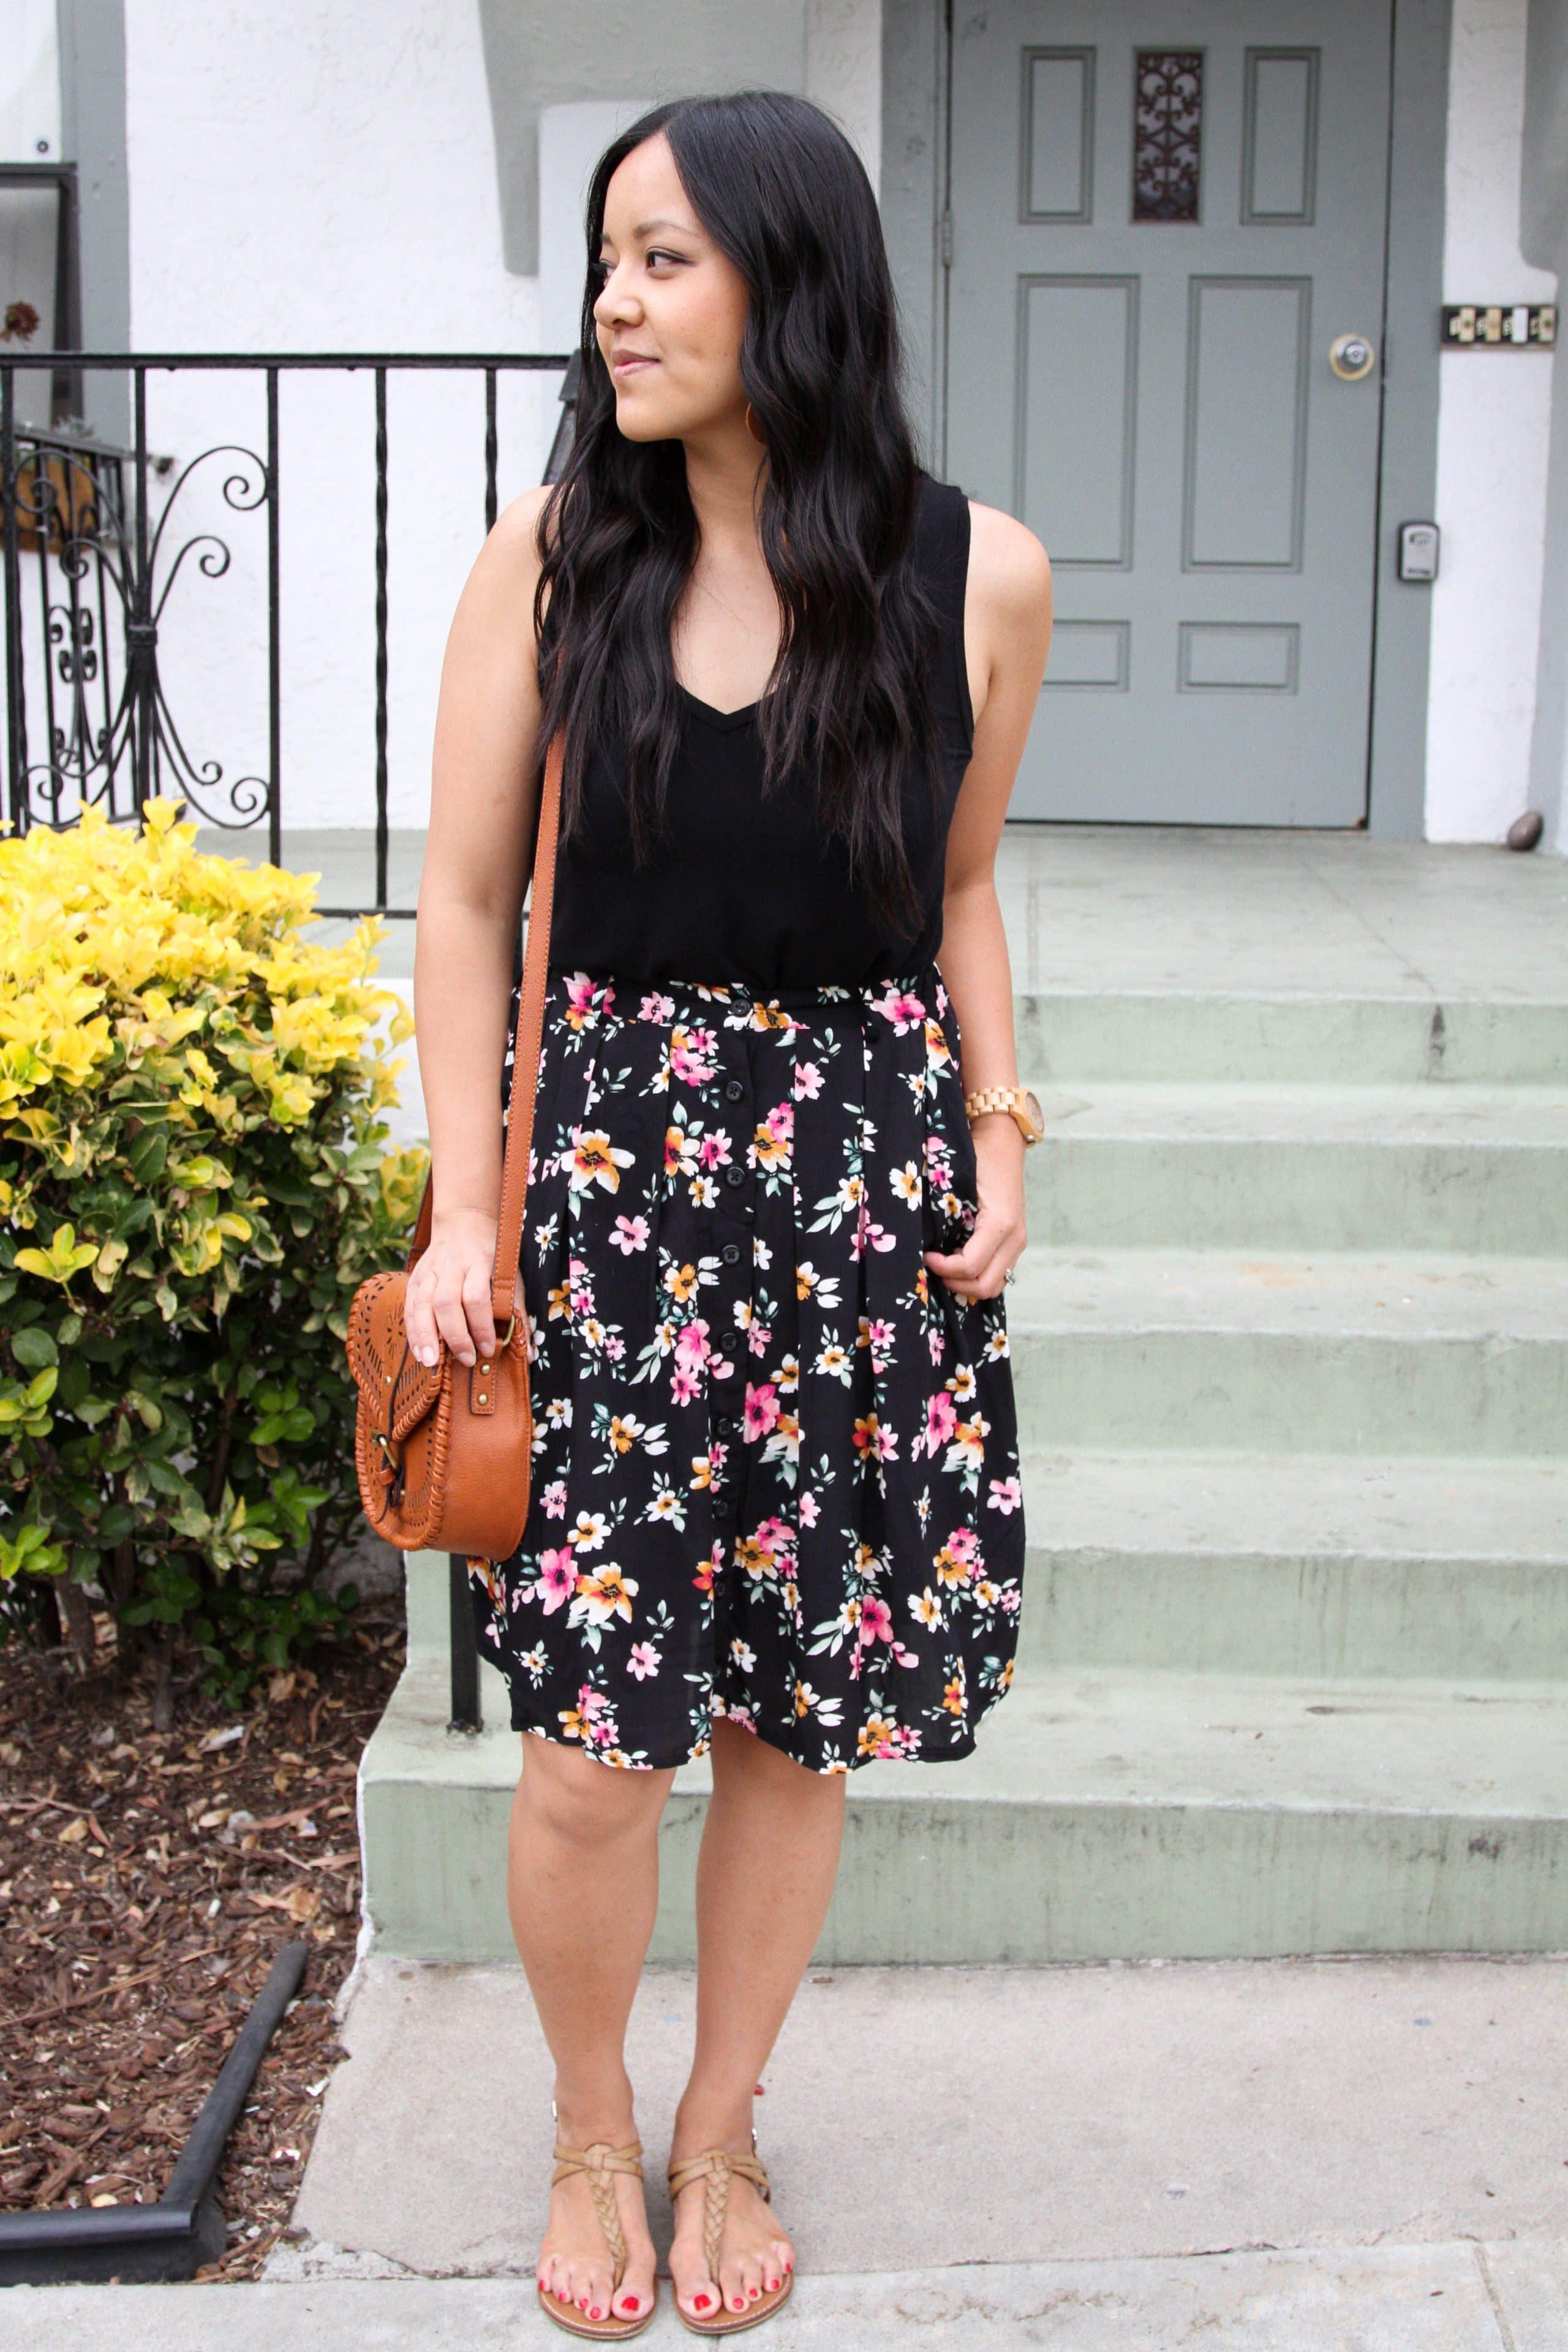 98f6dfcd3 ... black floral skirt + black top + cognac purse + tan sandals ...